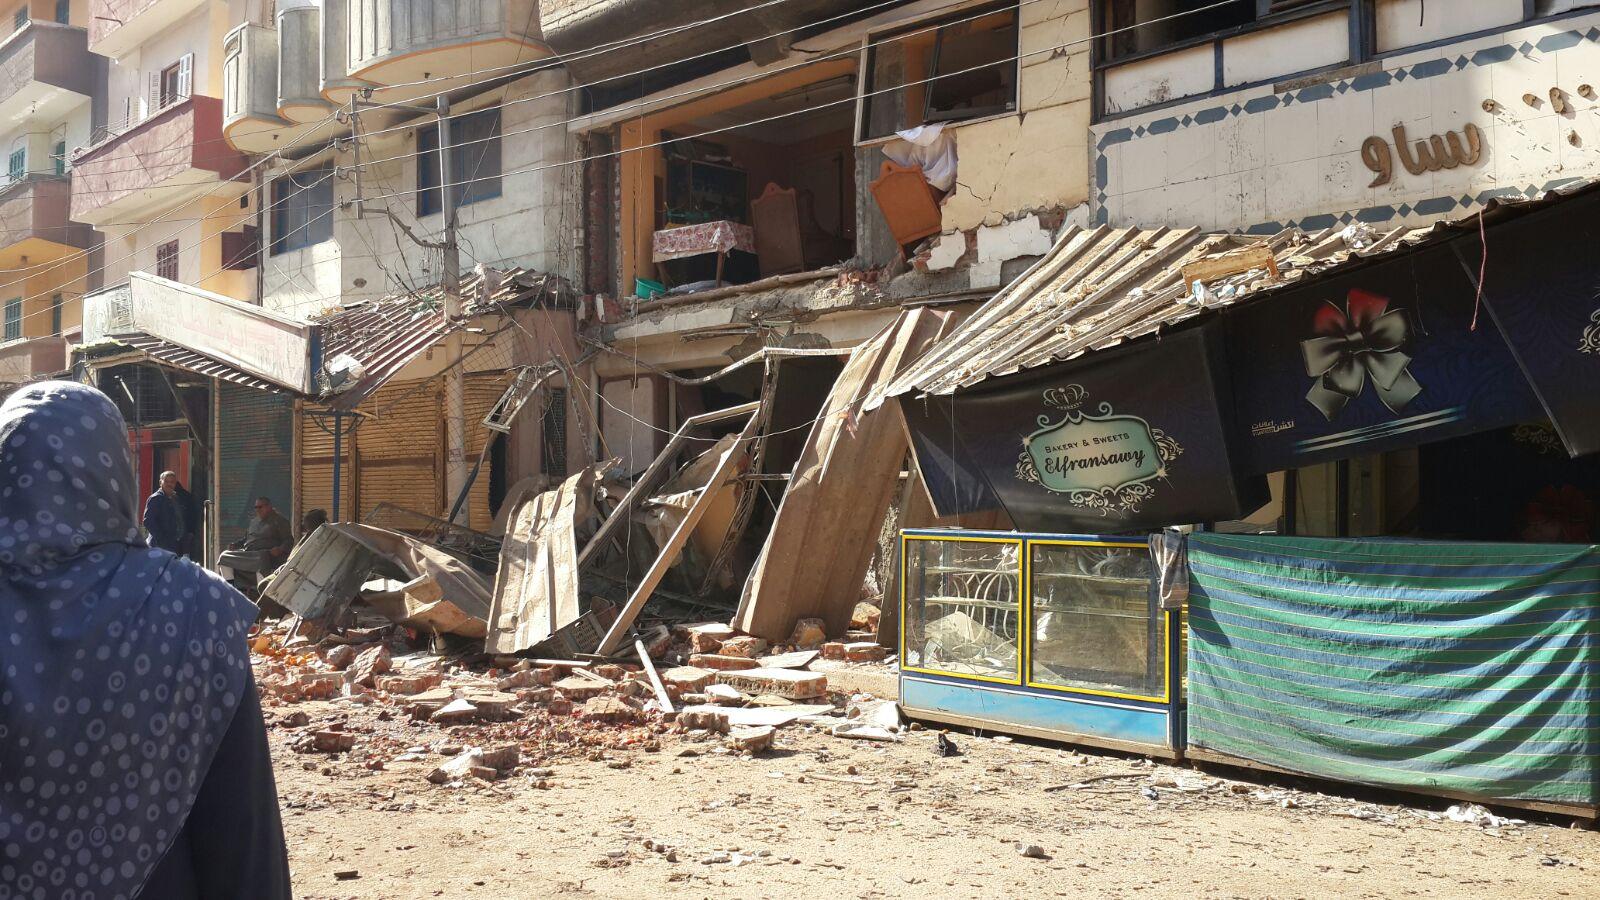 بالصور.. آثار انفجار ثلاجة الفواكه بالمحمودية (6 مصابين في الحادث)